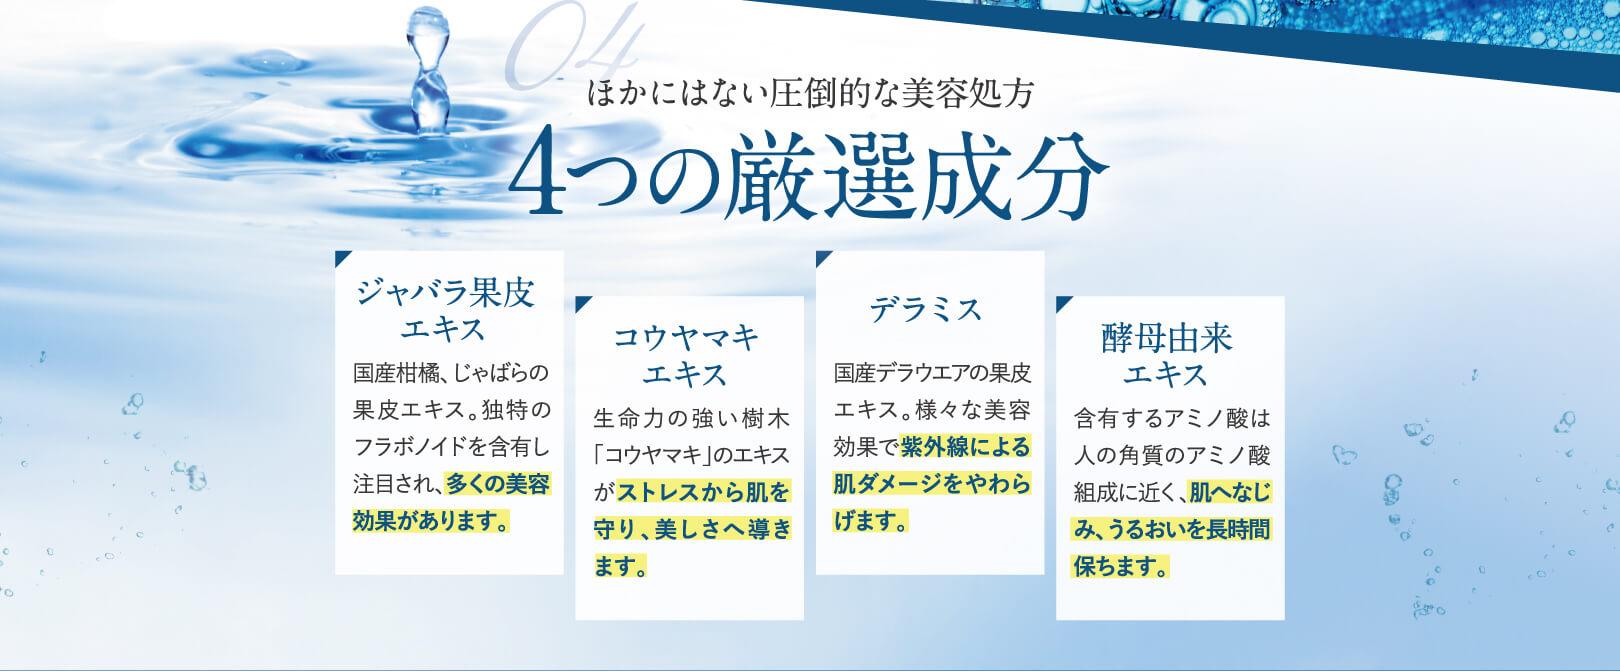 4つの厳選成分